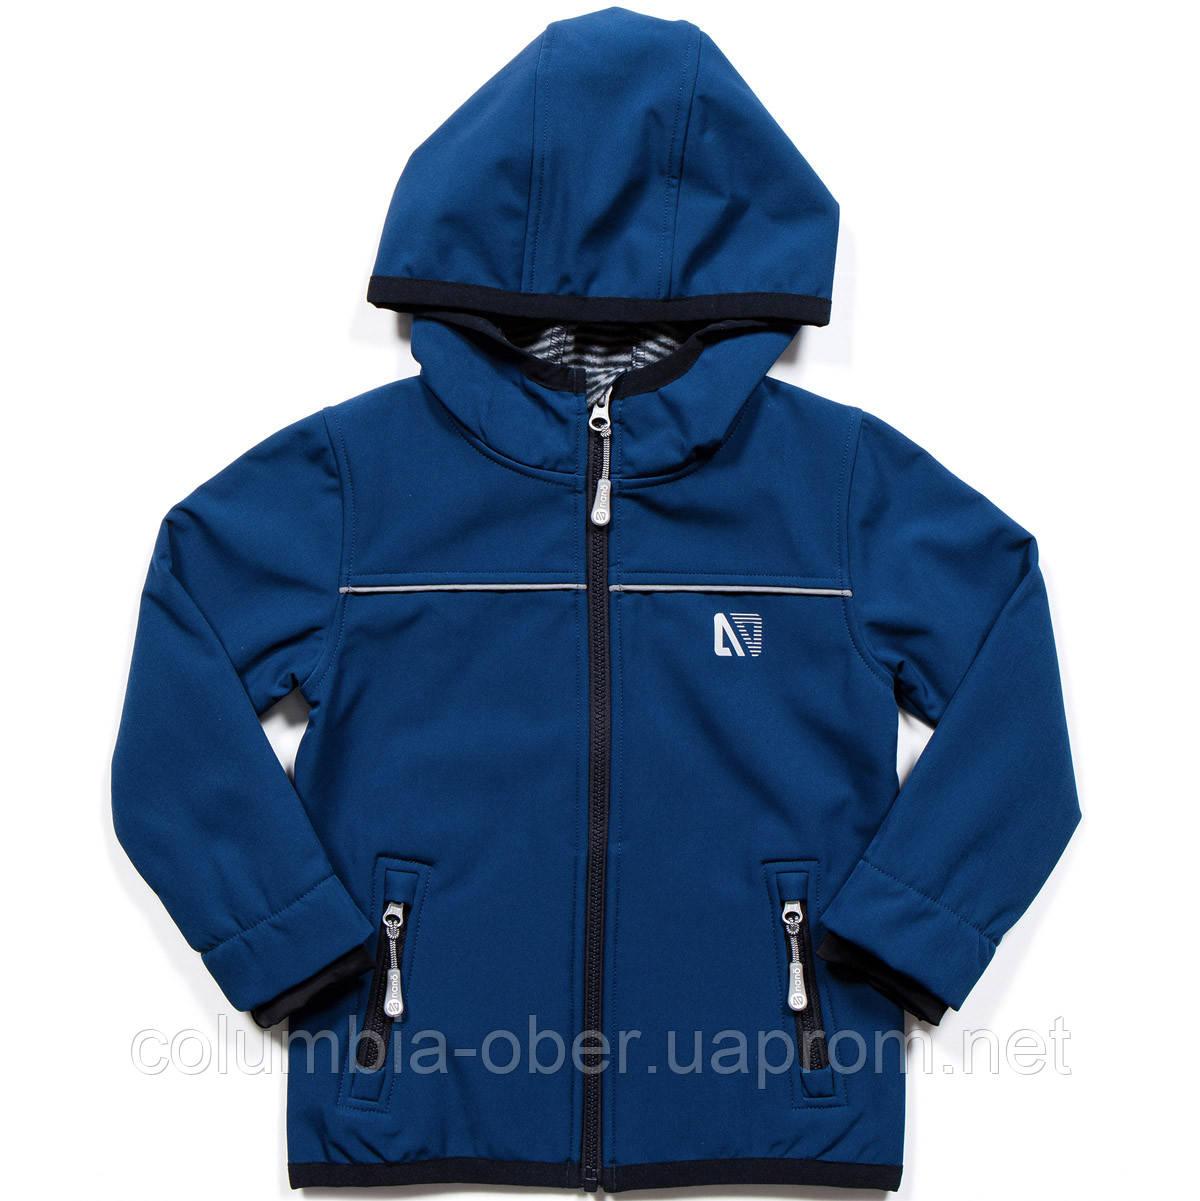 Демисезонная куртка для мальчика SOFTSHELL NANO 1400 M S18 Dk Denim. Размеры 100-144.